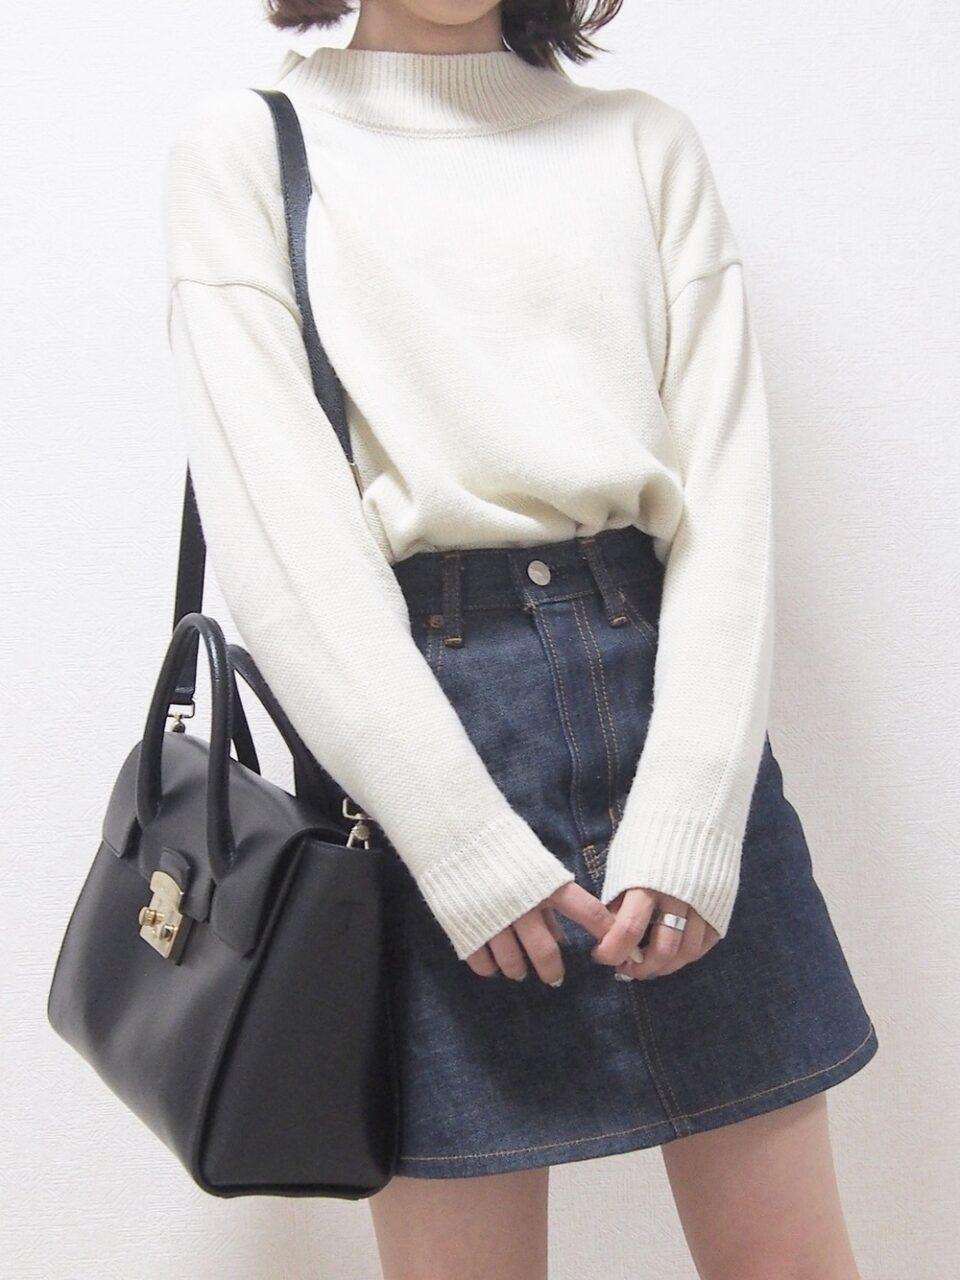 下腹ポッコリをラク〜に解決♡タイトスカートが似合うお腹を作る「座って足ぶみ」エクササイズとは